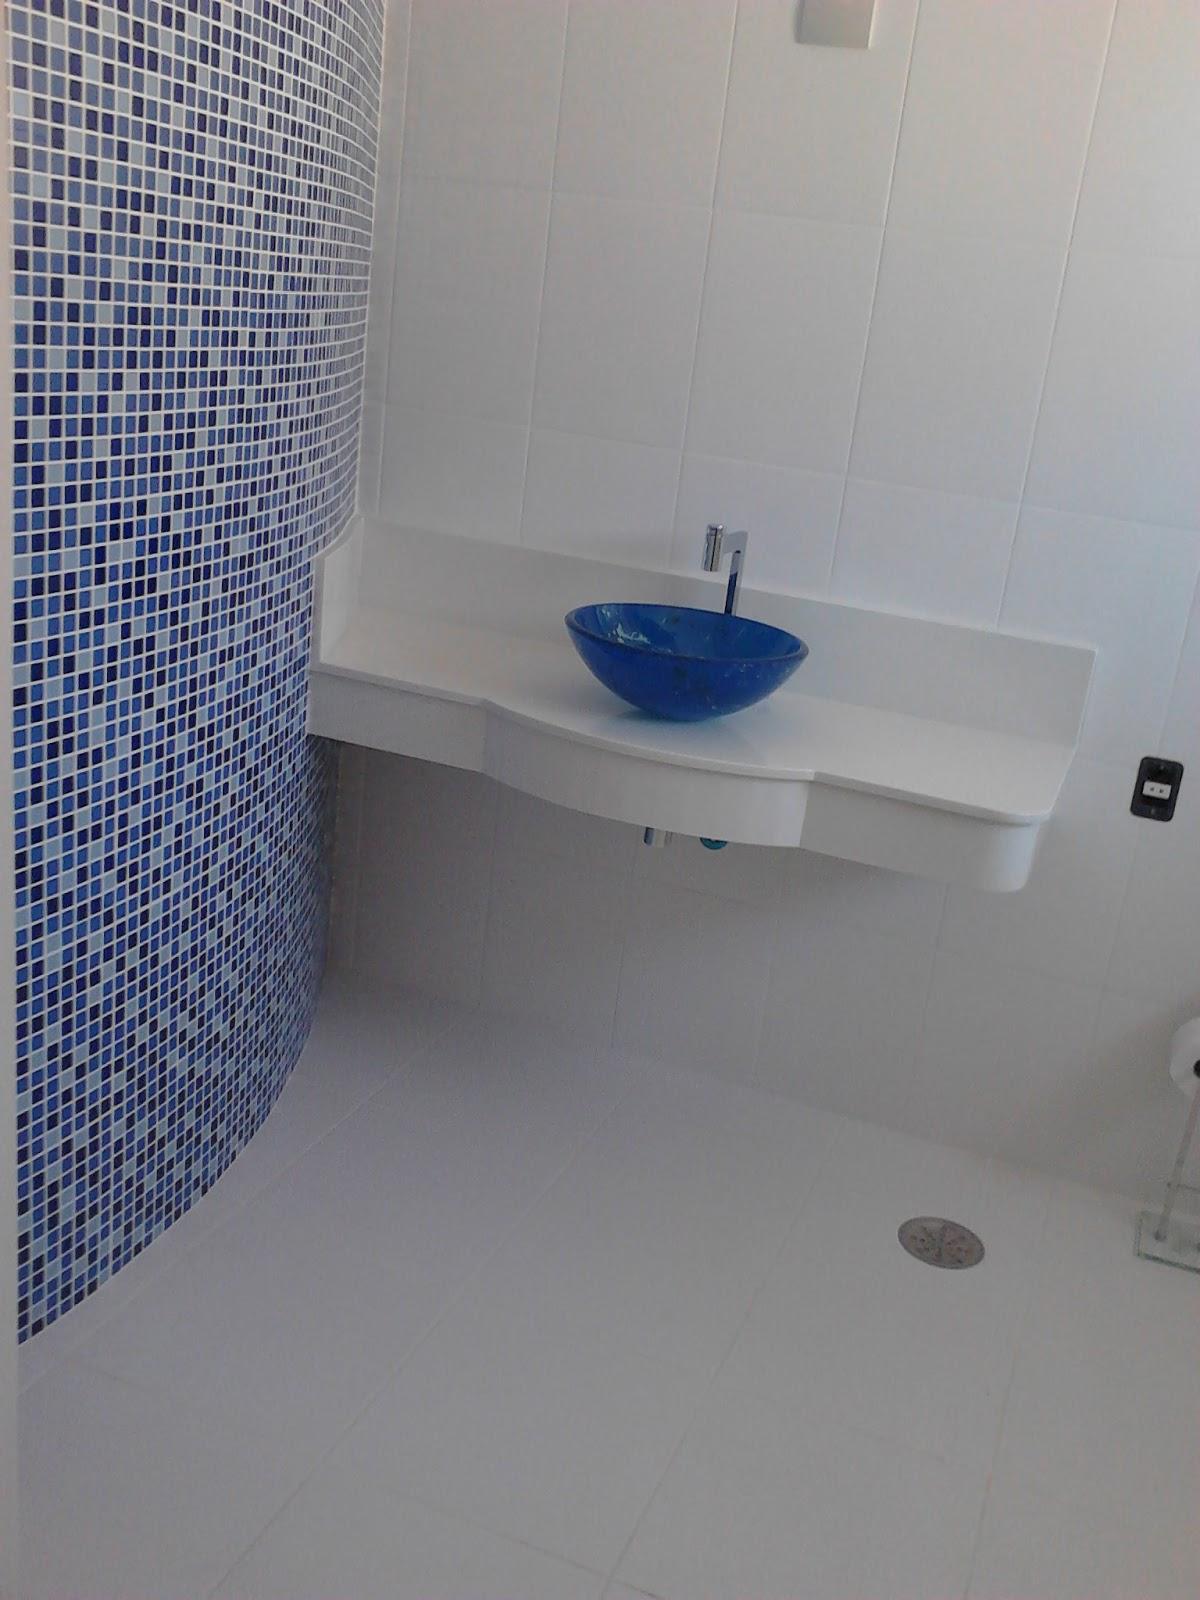 adesivo pastilha azul frete gratis colorido kit adesivo pastilha azul  #364268 1200x1600 Banheiro Branco Com Pastilhas Azuis